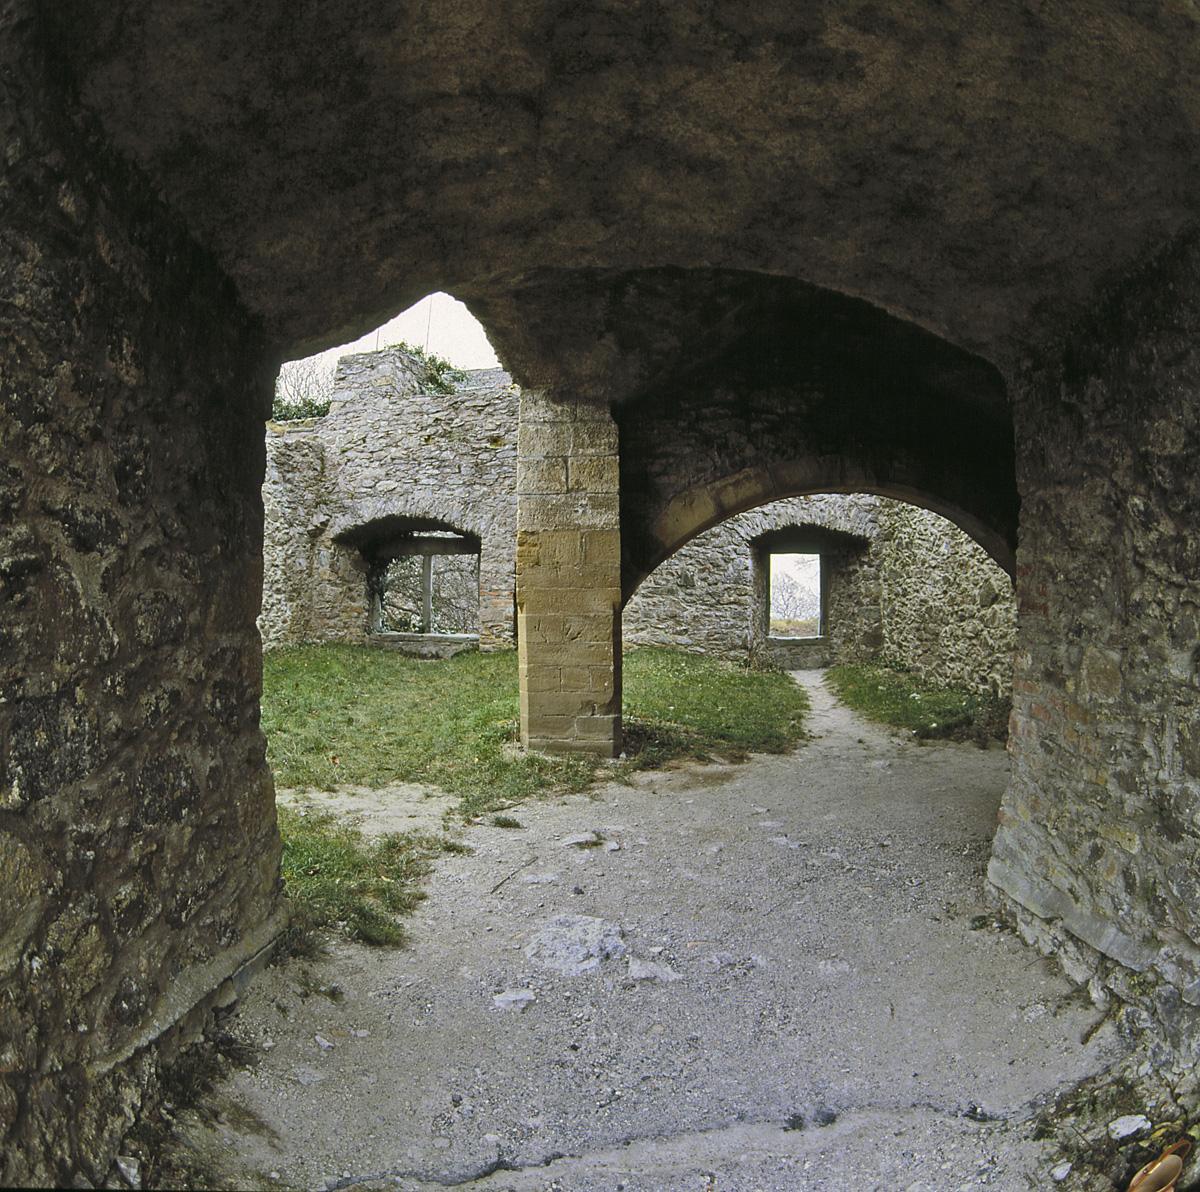 Durchgang zum Innenhof in der oberen Festung der Festungsruine Hohentwiel; Foto: Staatliche Schlösser und Gärten Baden-Württemberg, Arnim Weischer